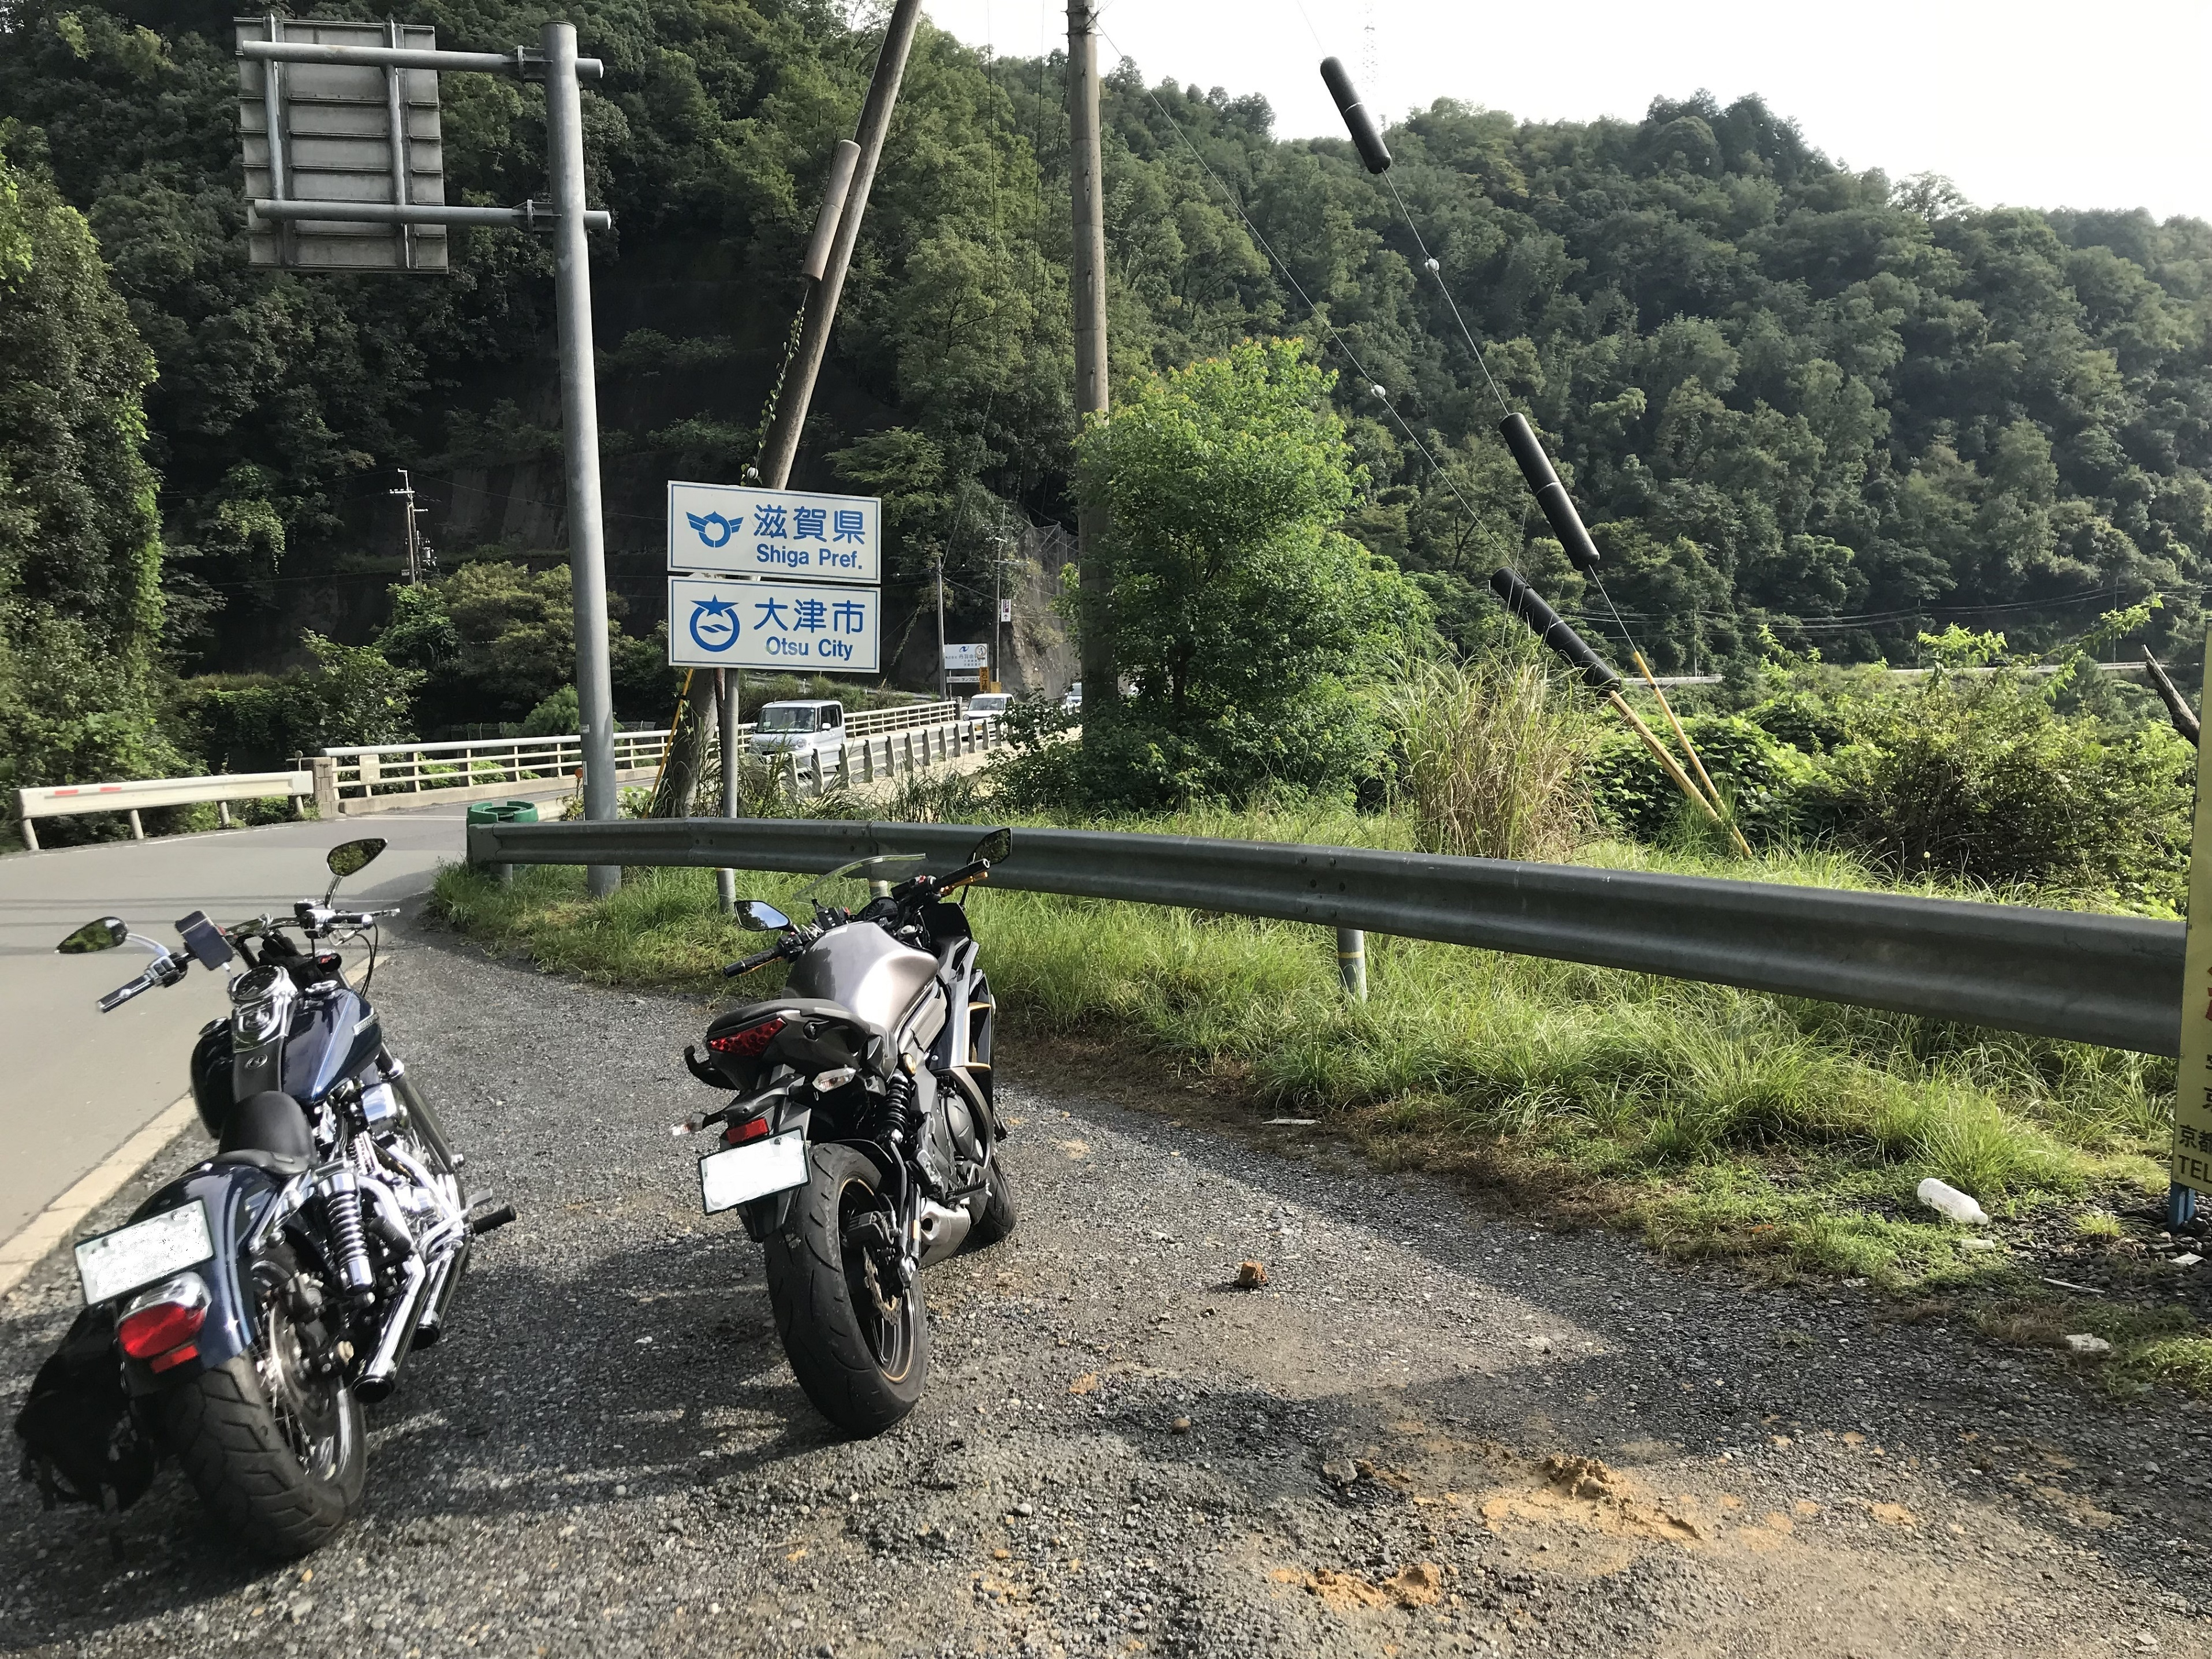 ハーレーとカワサキで行く近江八幡ツーリング 滋賀県到着